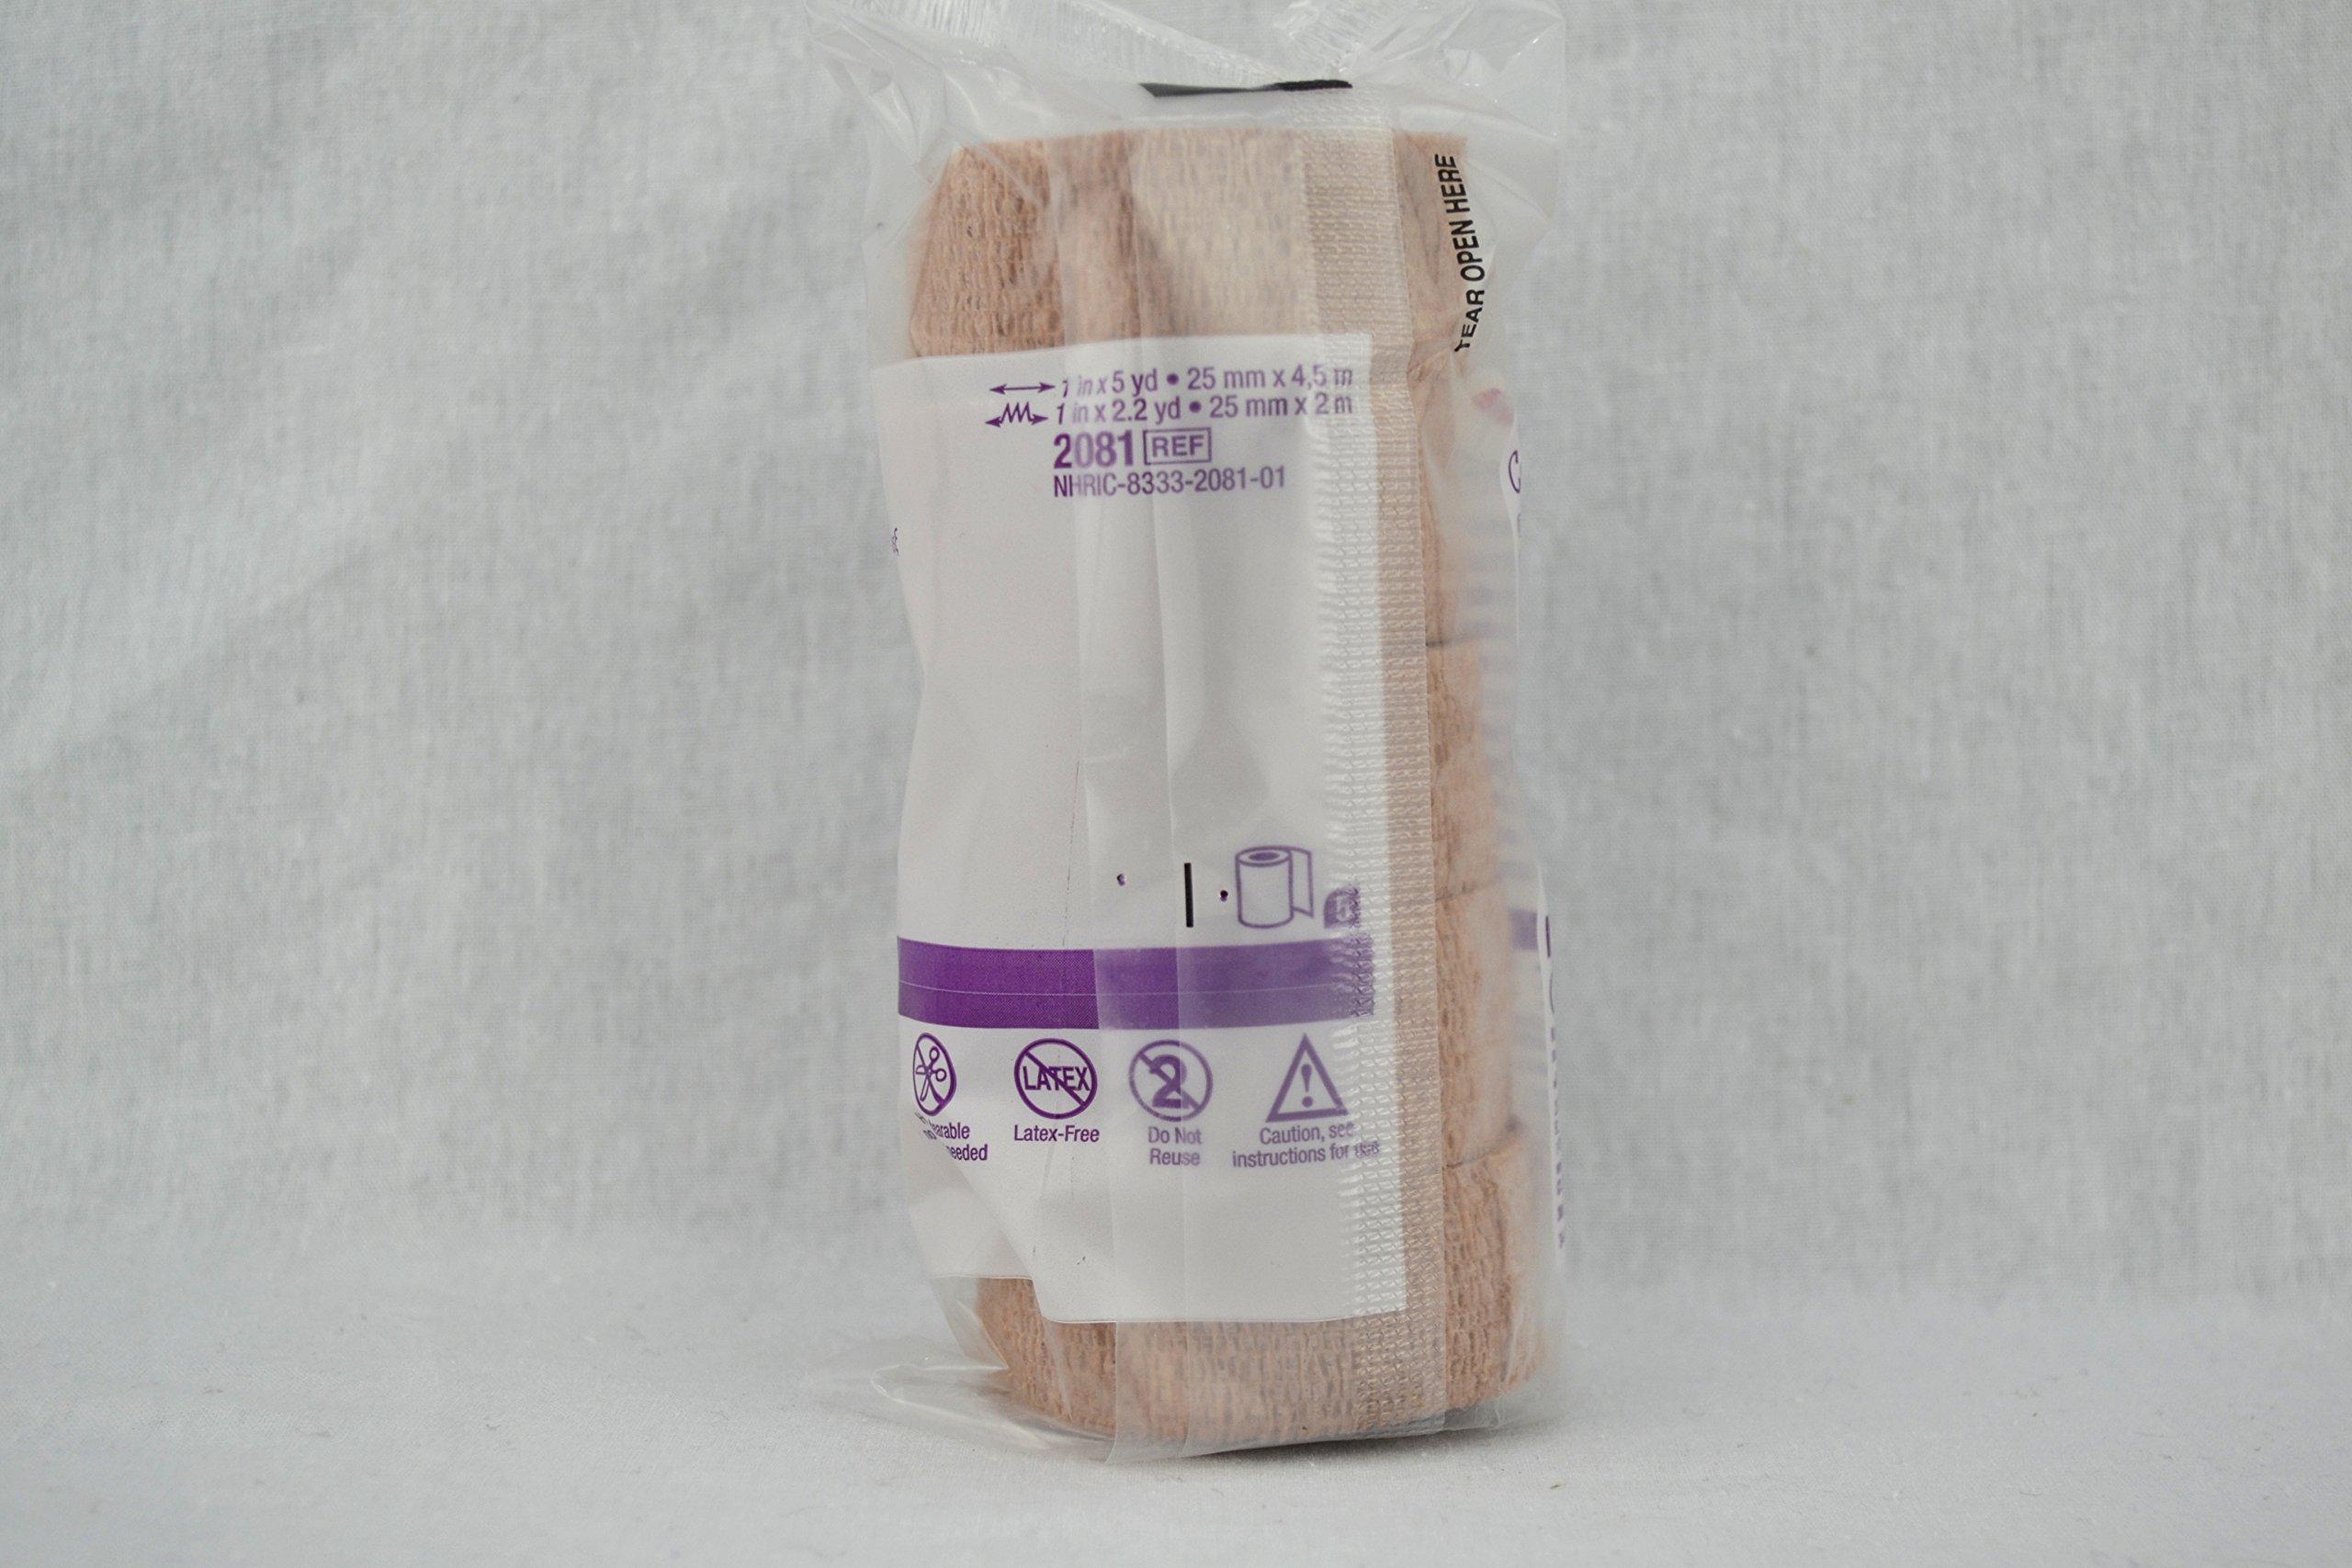 3M Coban Non-Latex Self Adherent Wrap, Coban Wrap N-Ltx 4in X 5Yd, (1 CASE, 18 EACH)